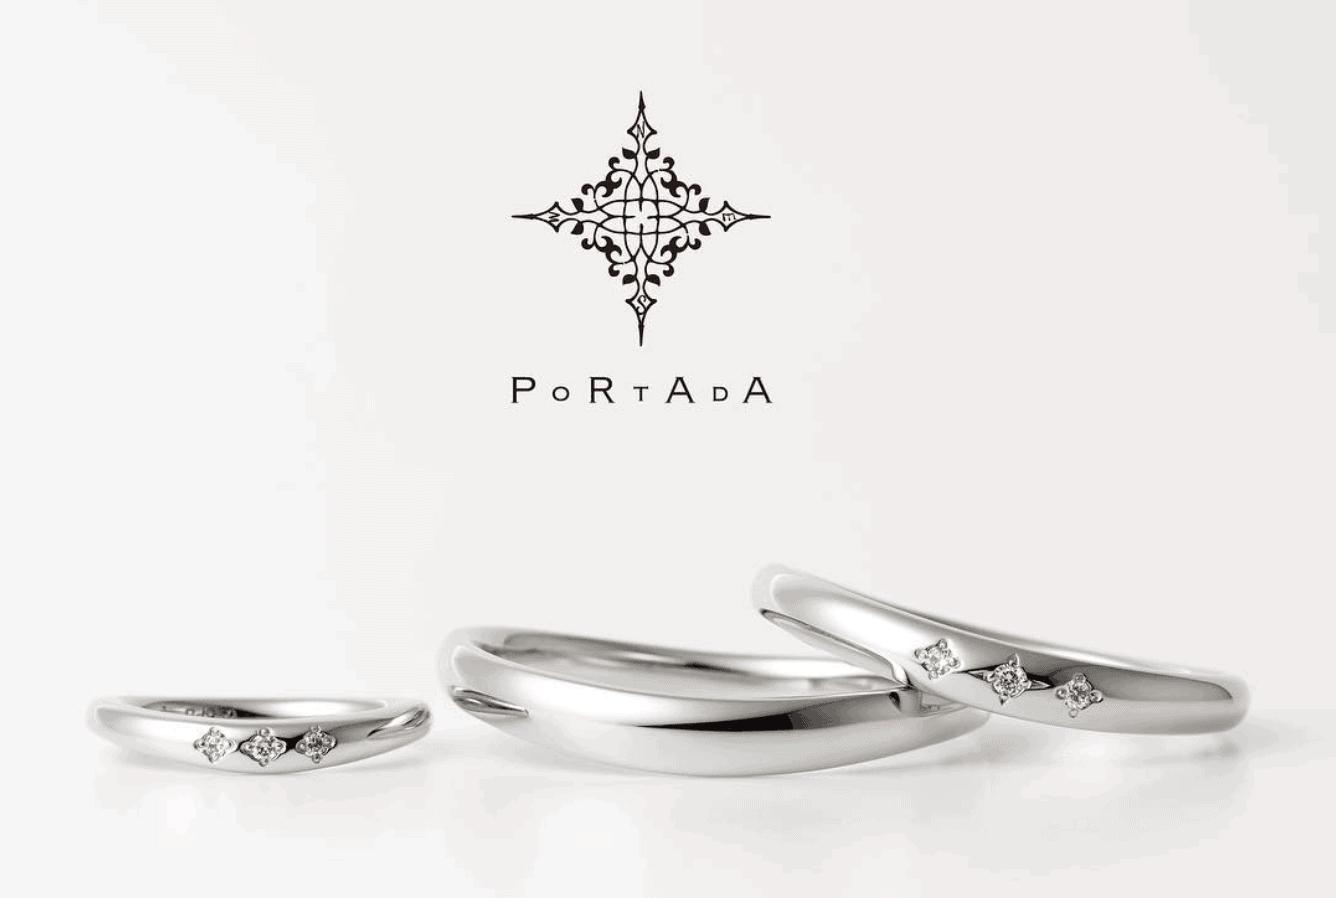 ポルターダ(PORTADA)ってどんなブランド?婚約指輪・結婚指輪11選*のカバー写真